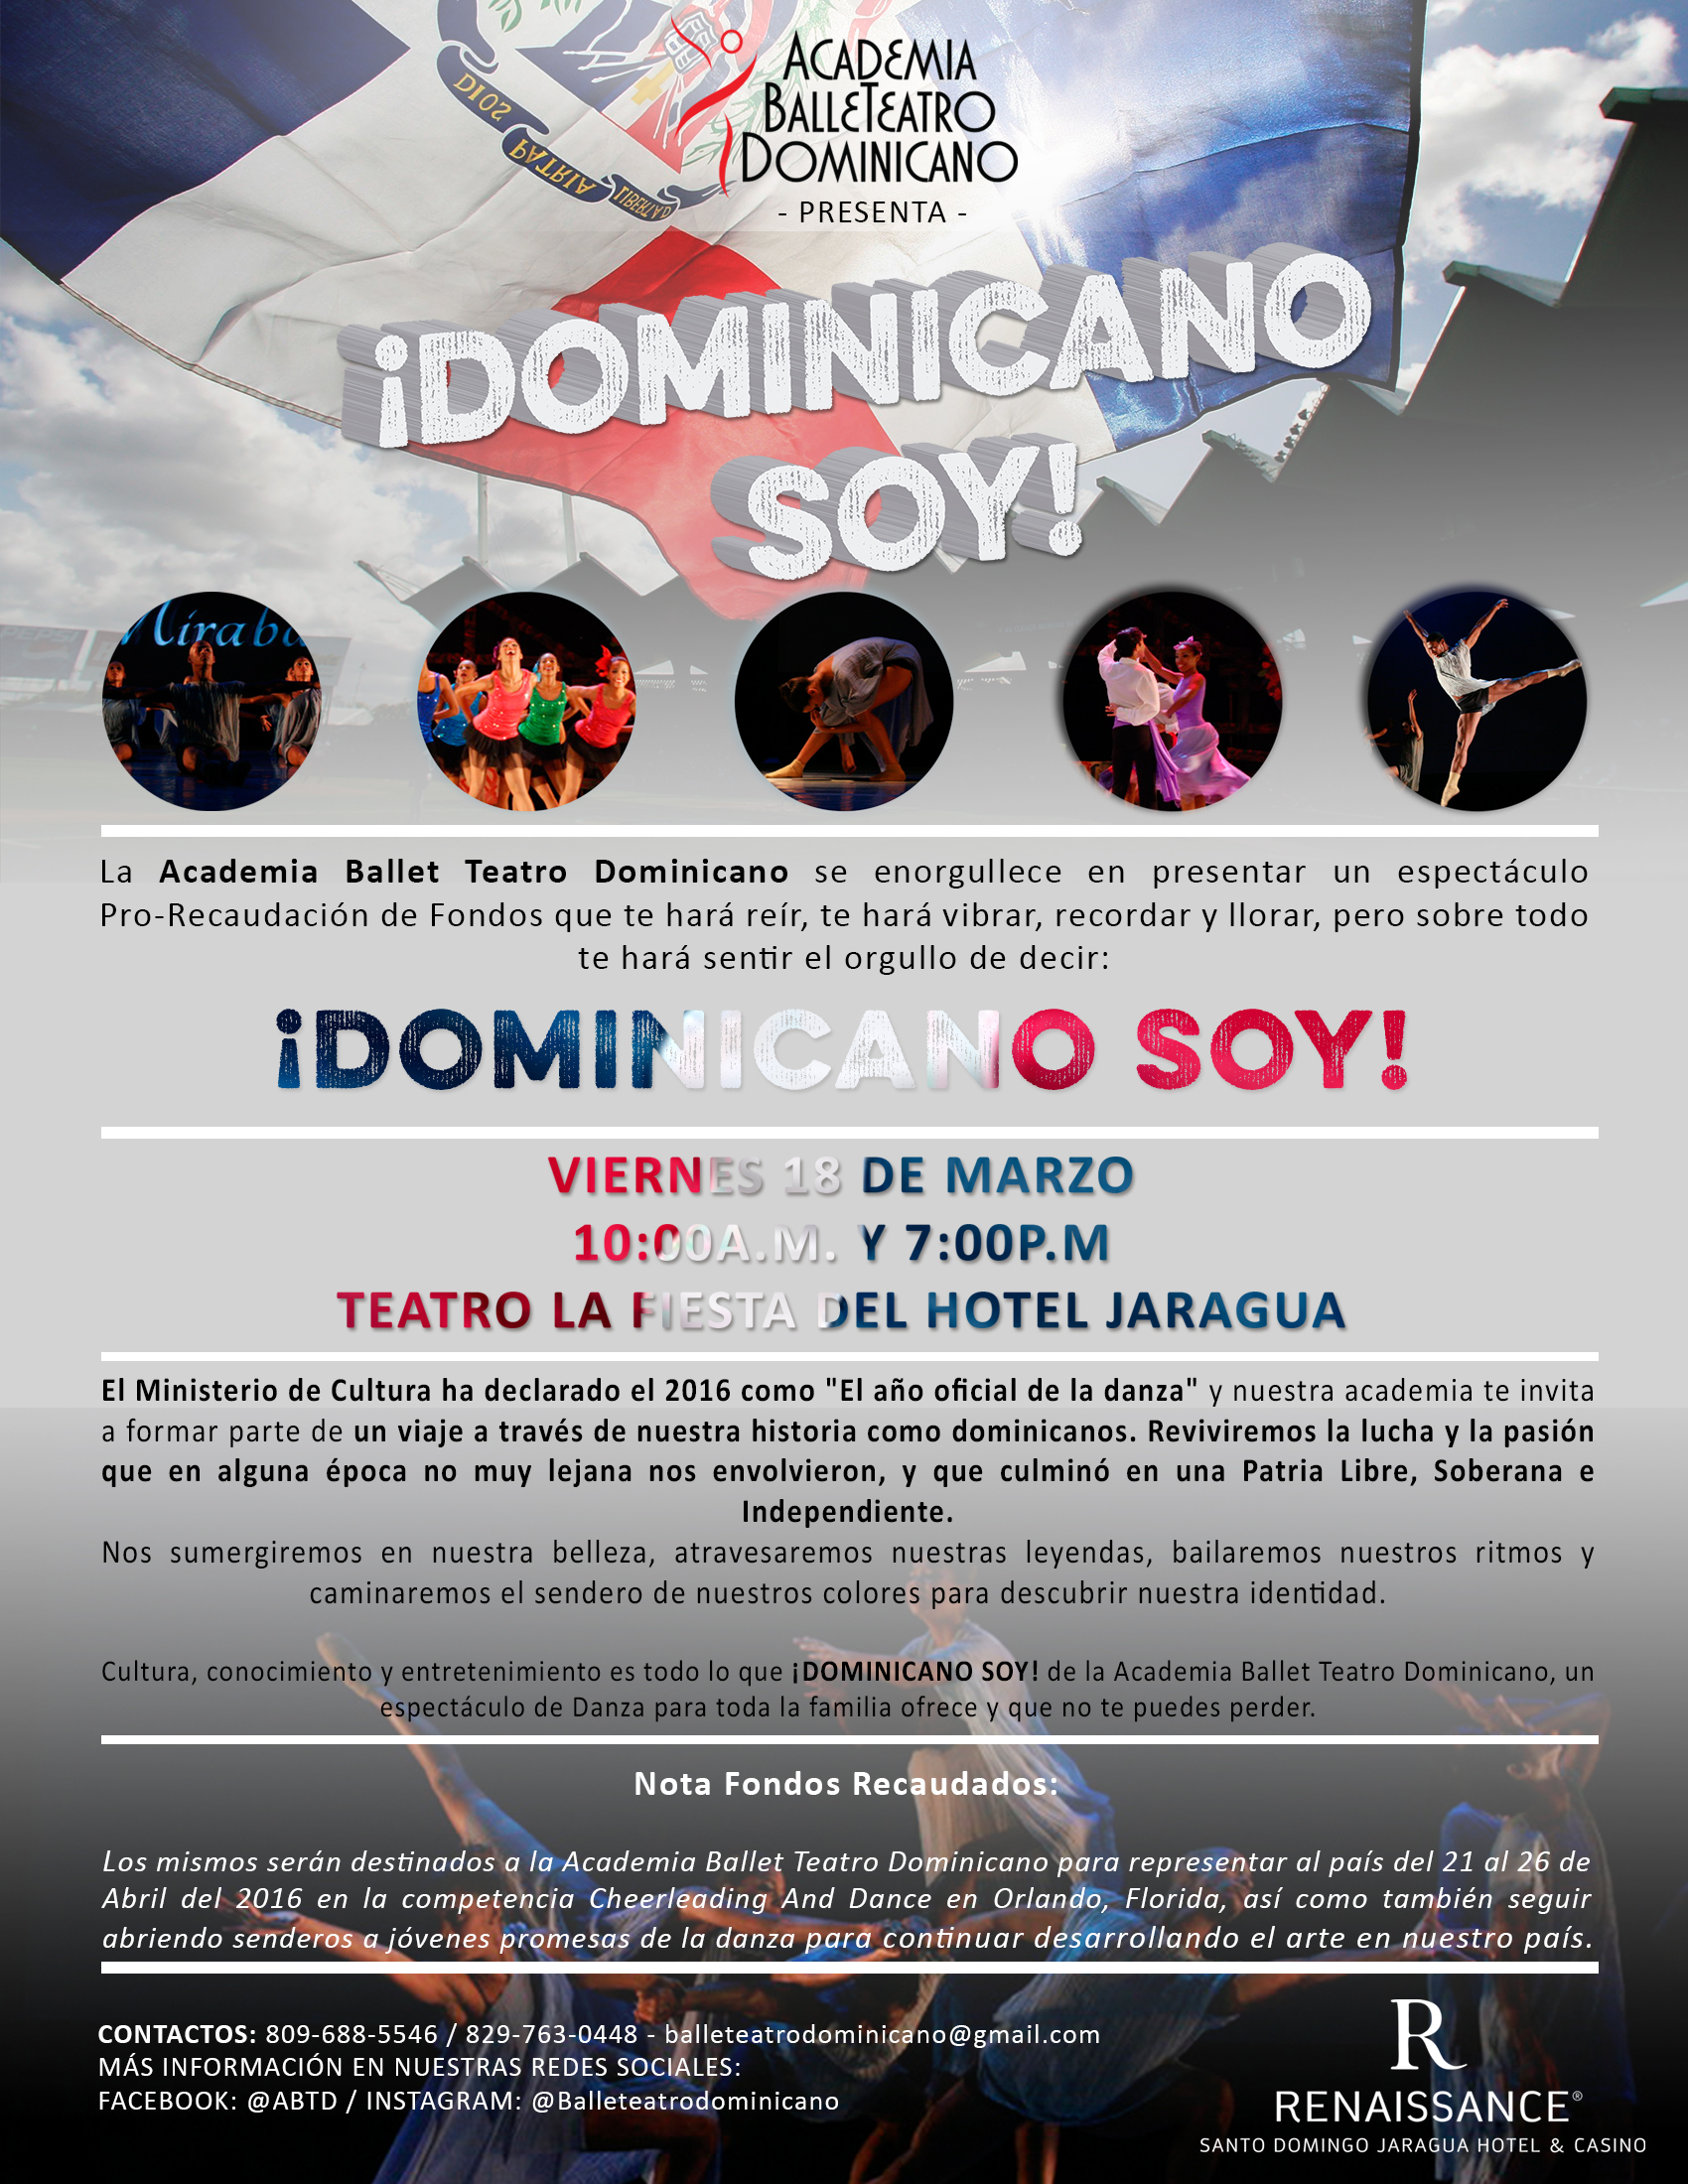 DESCRIPCION DOMINICANO SOY IMPRESION